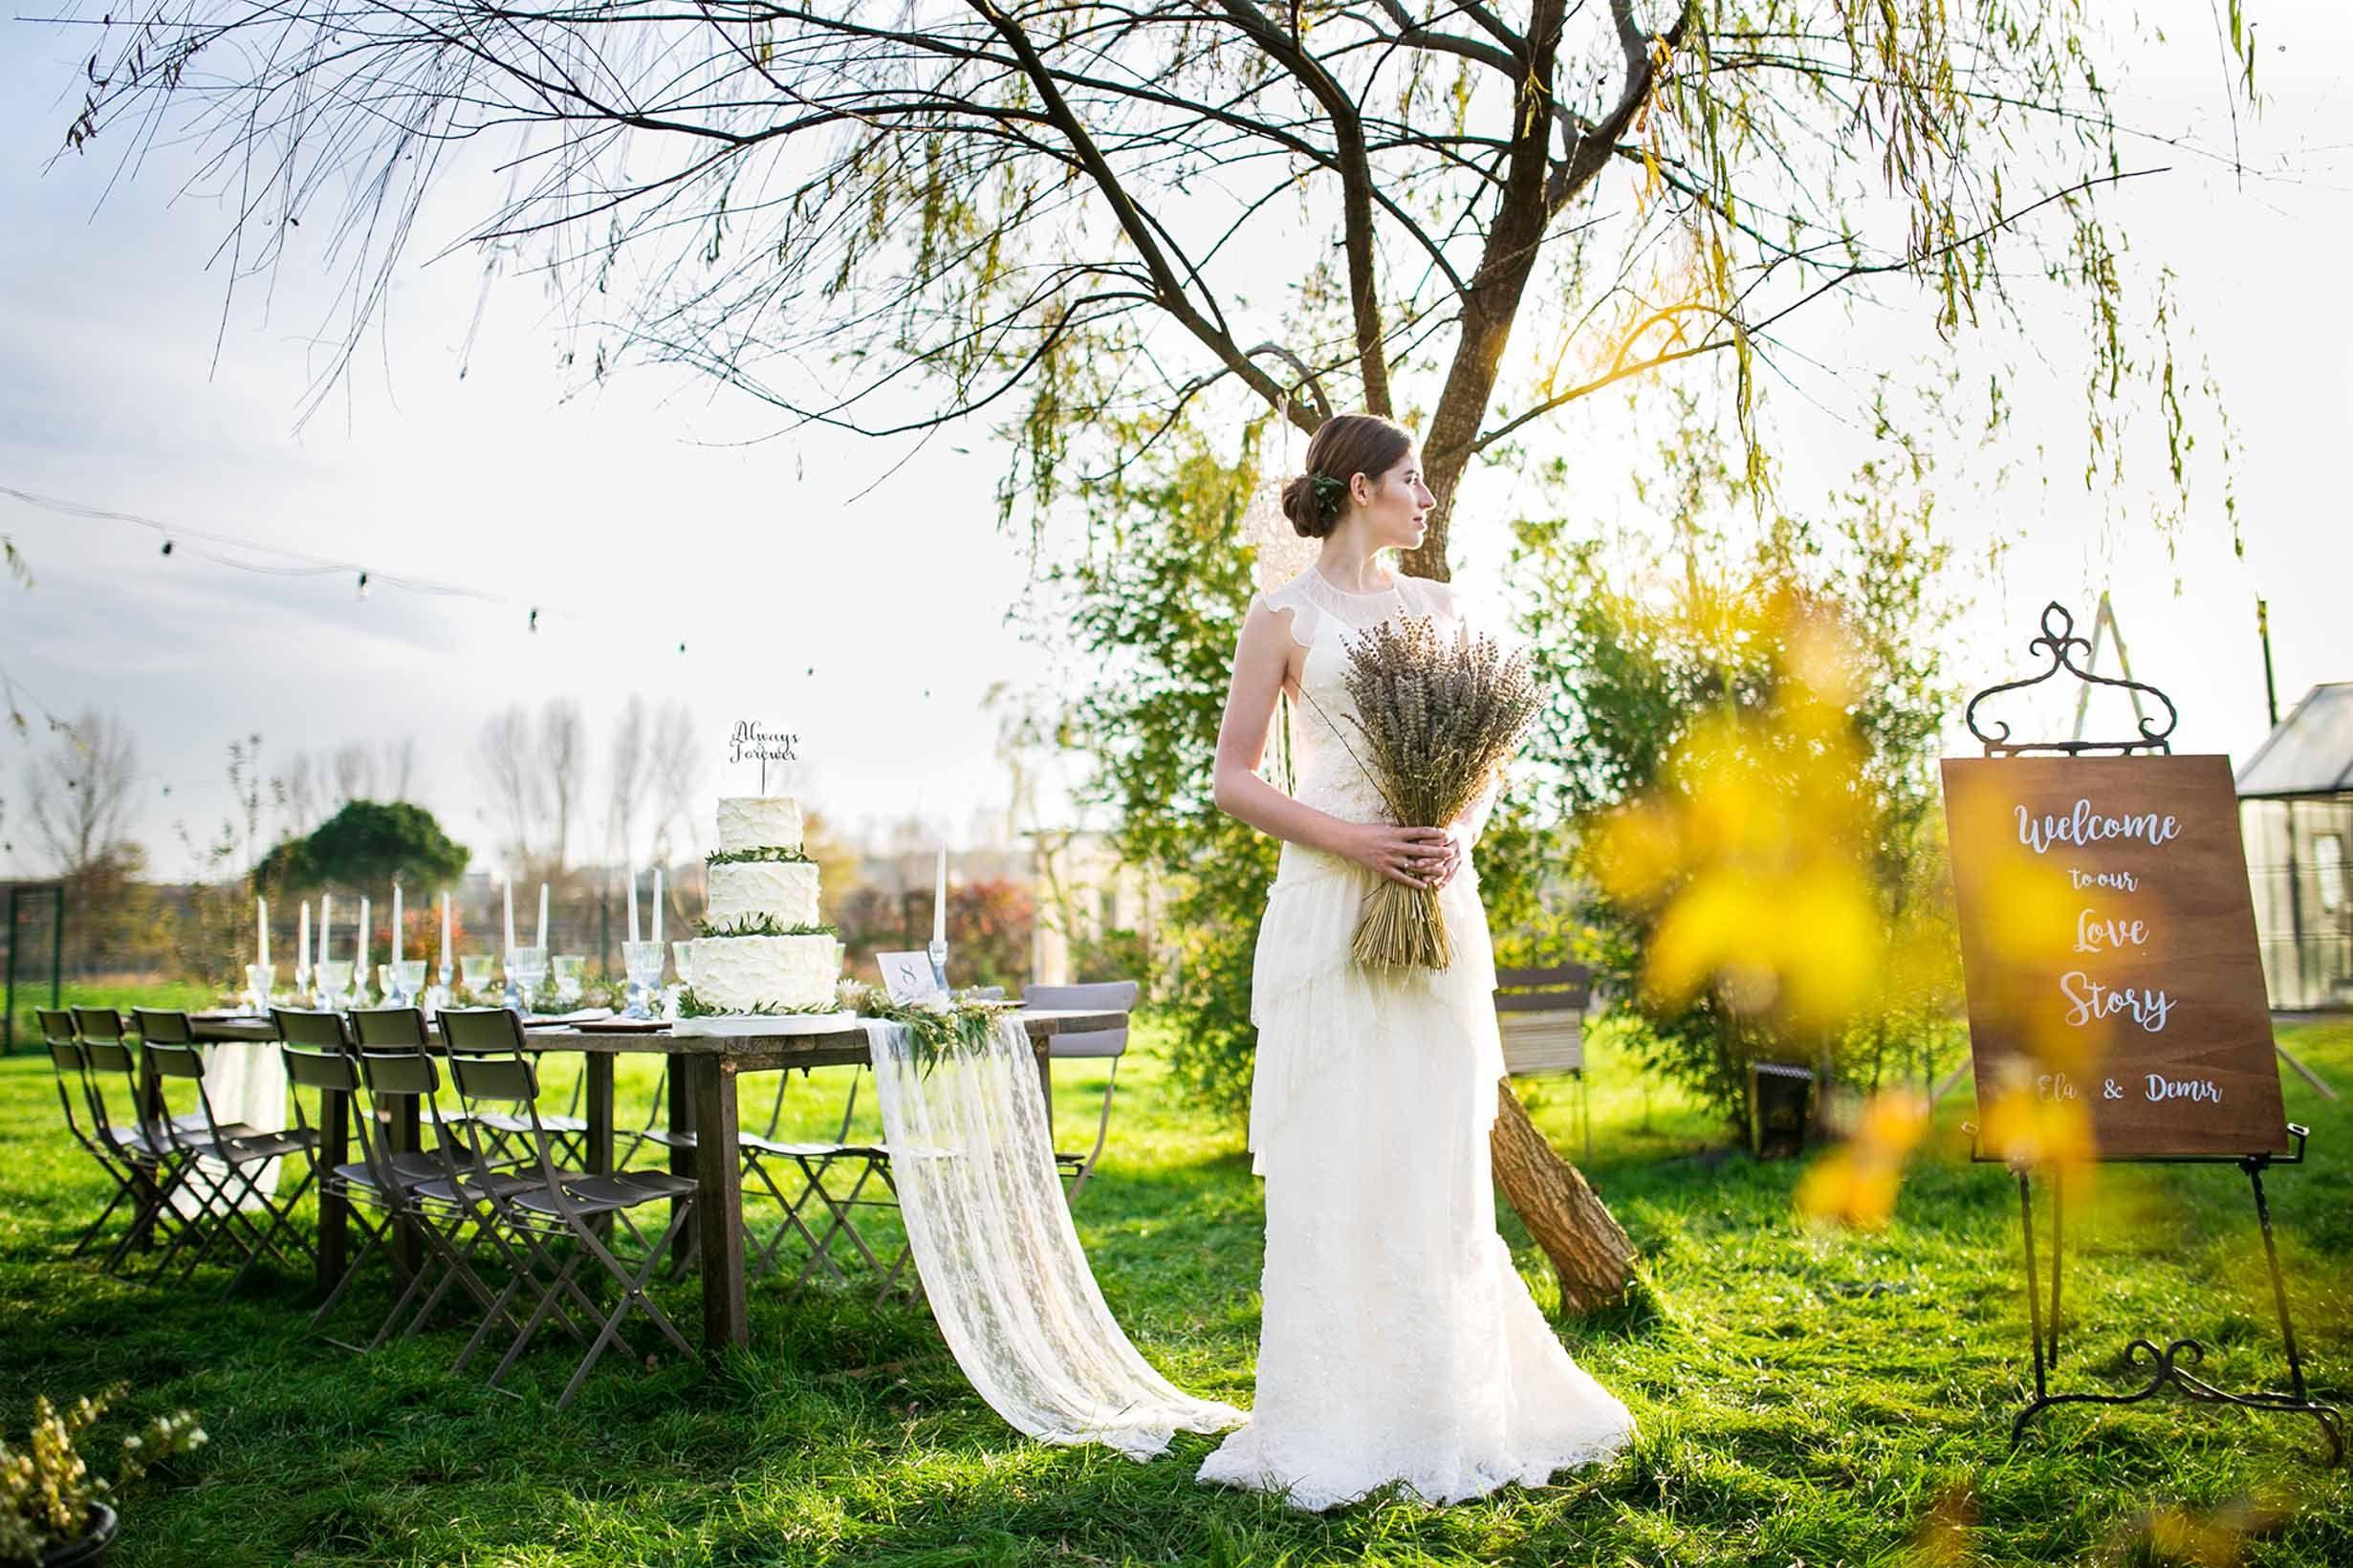 wedding ideas bridal collection komşuköy dugun